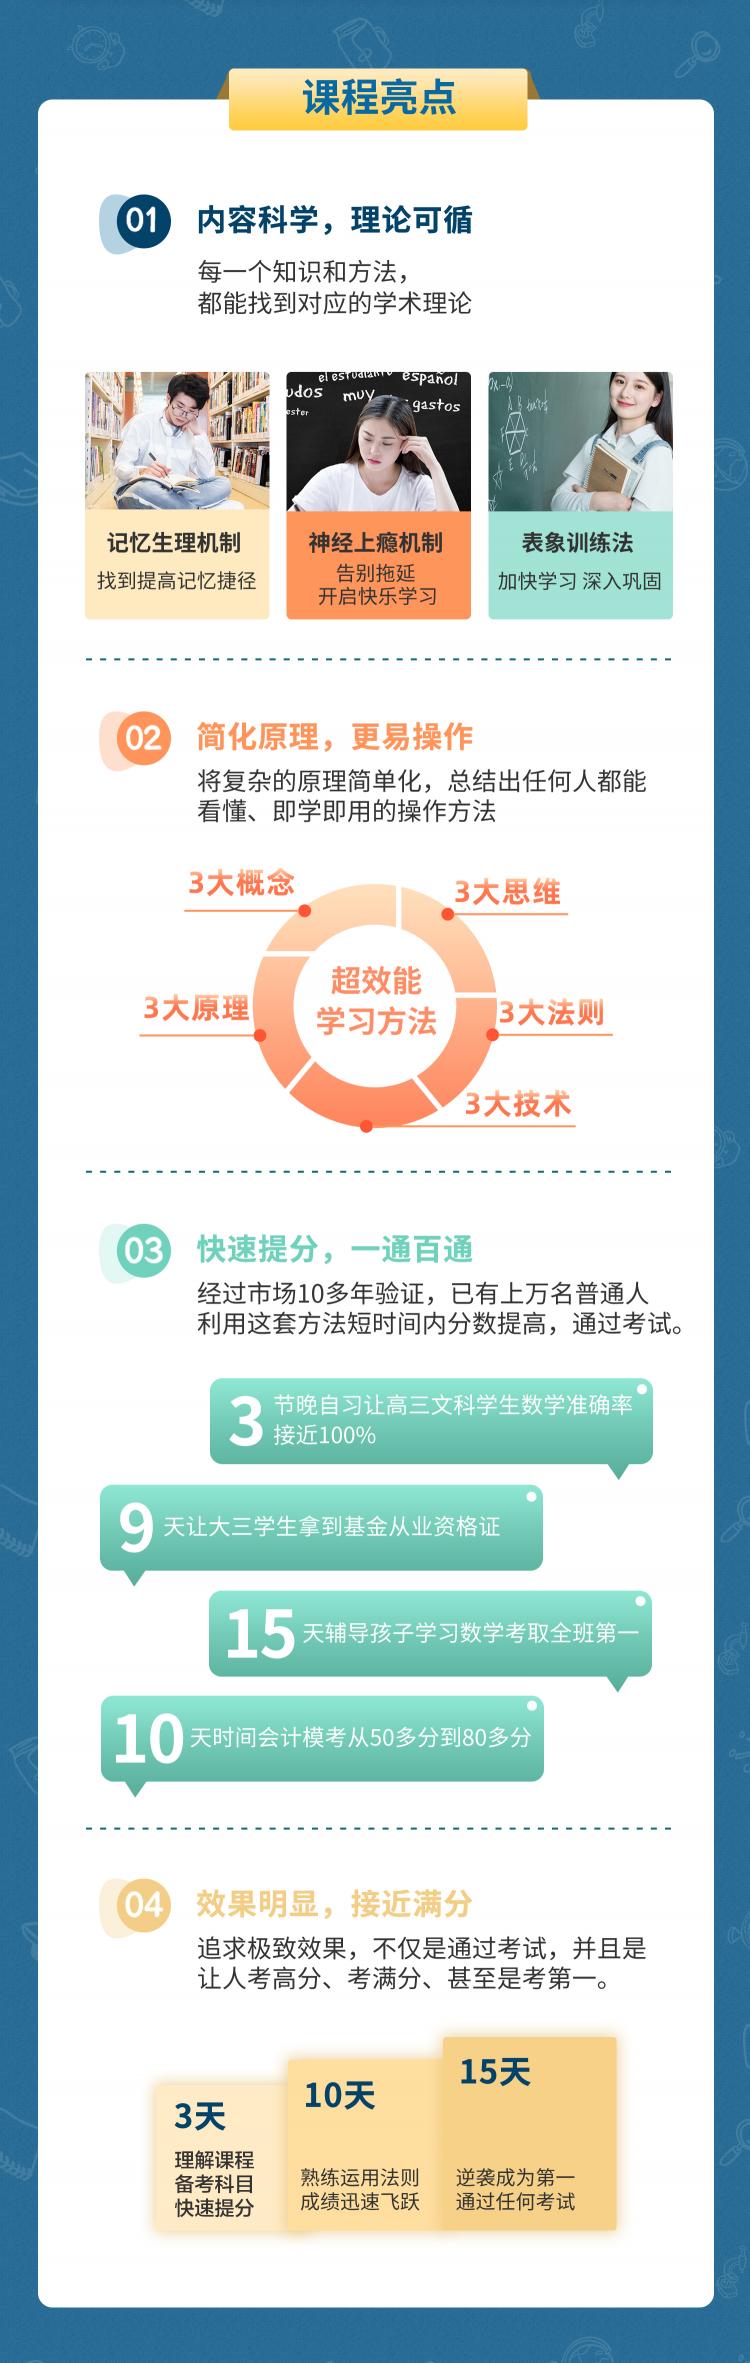 考霸课详情页长图-改-10.17-最后.png